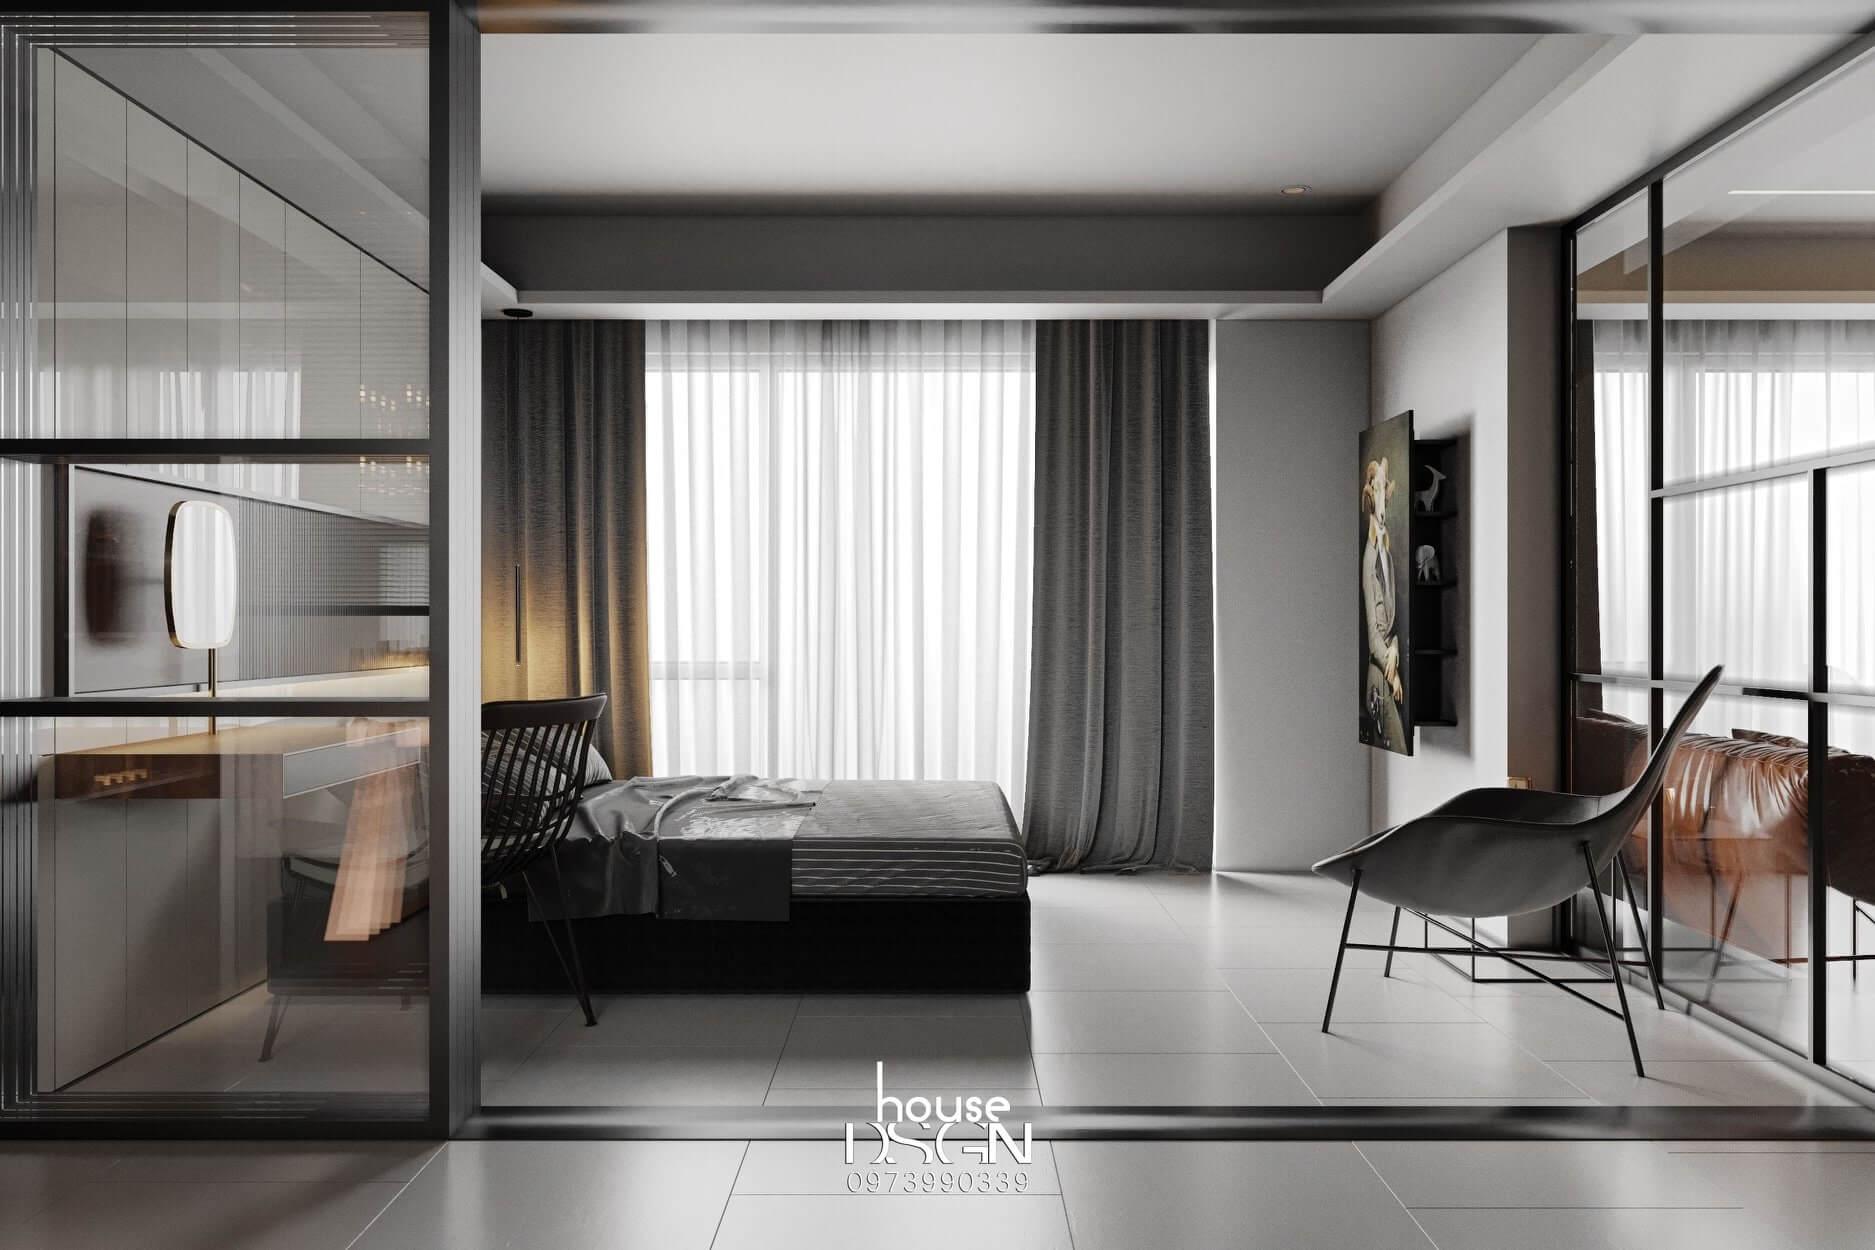 trang trí và bố trí căn hộ chung cư 90m2